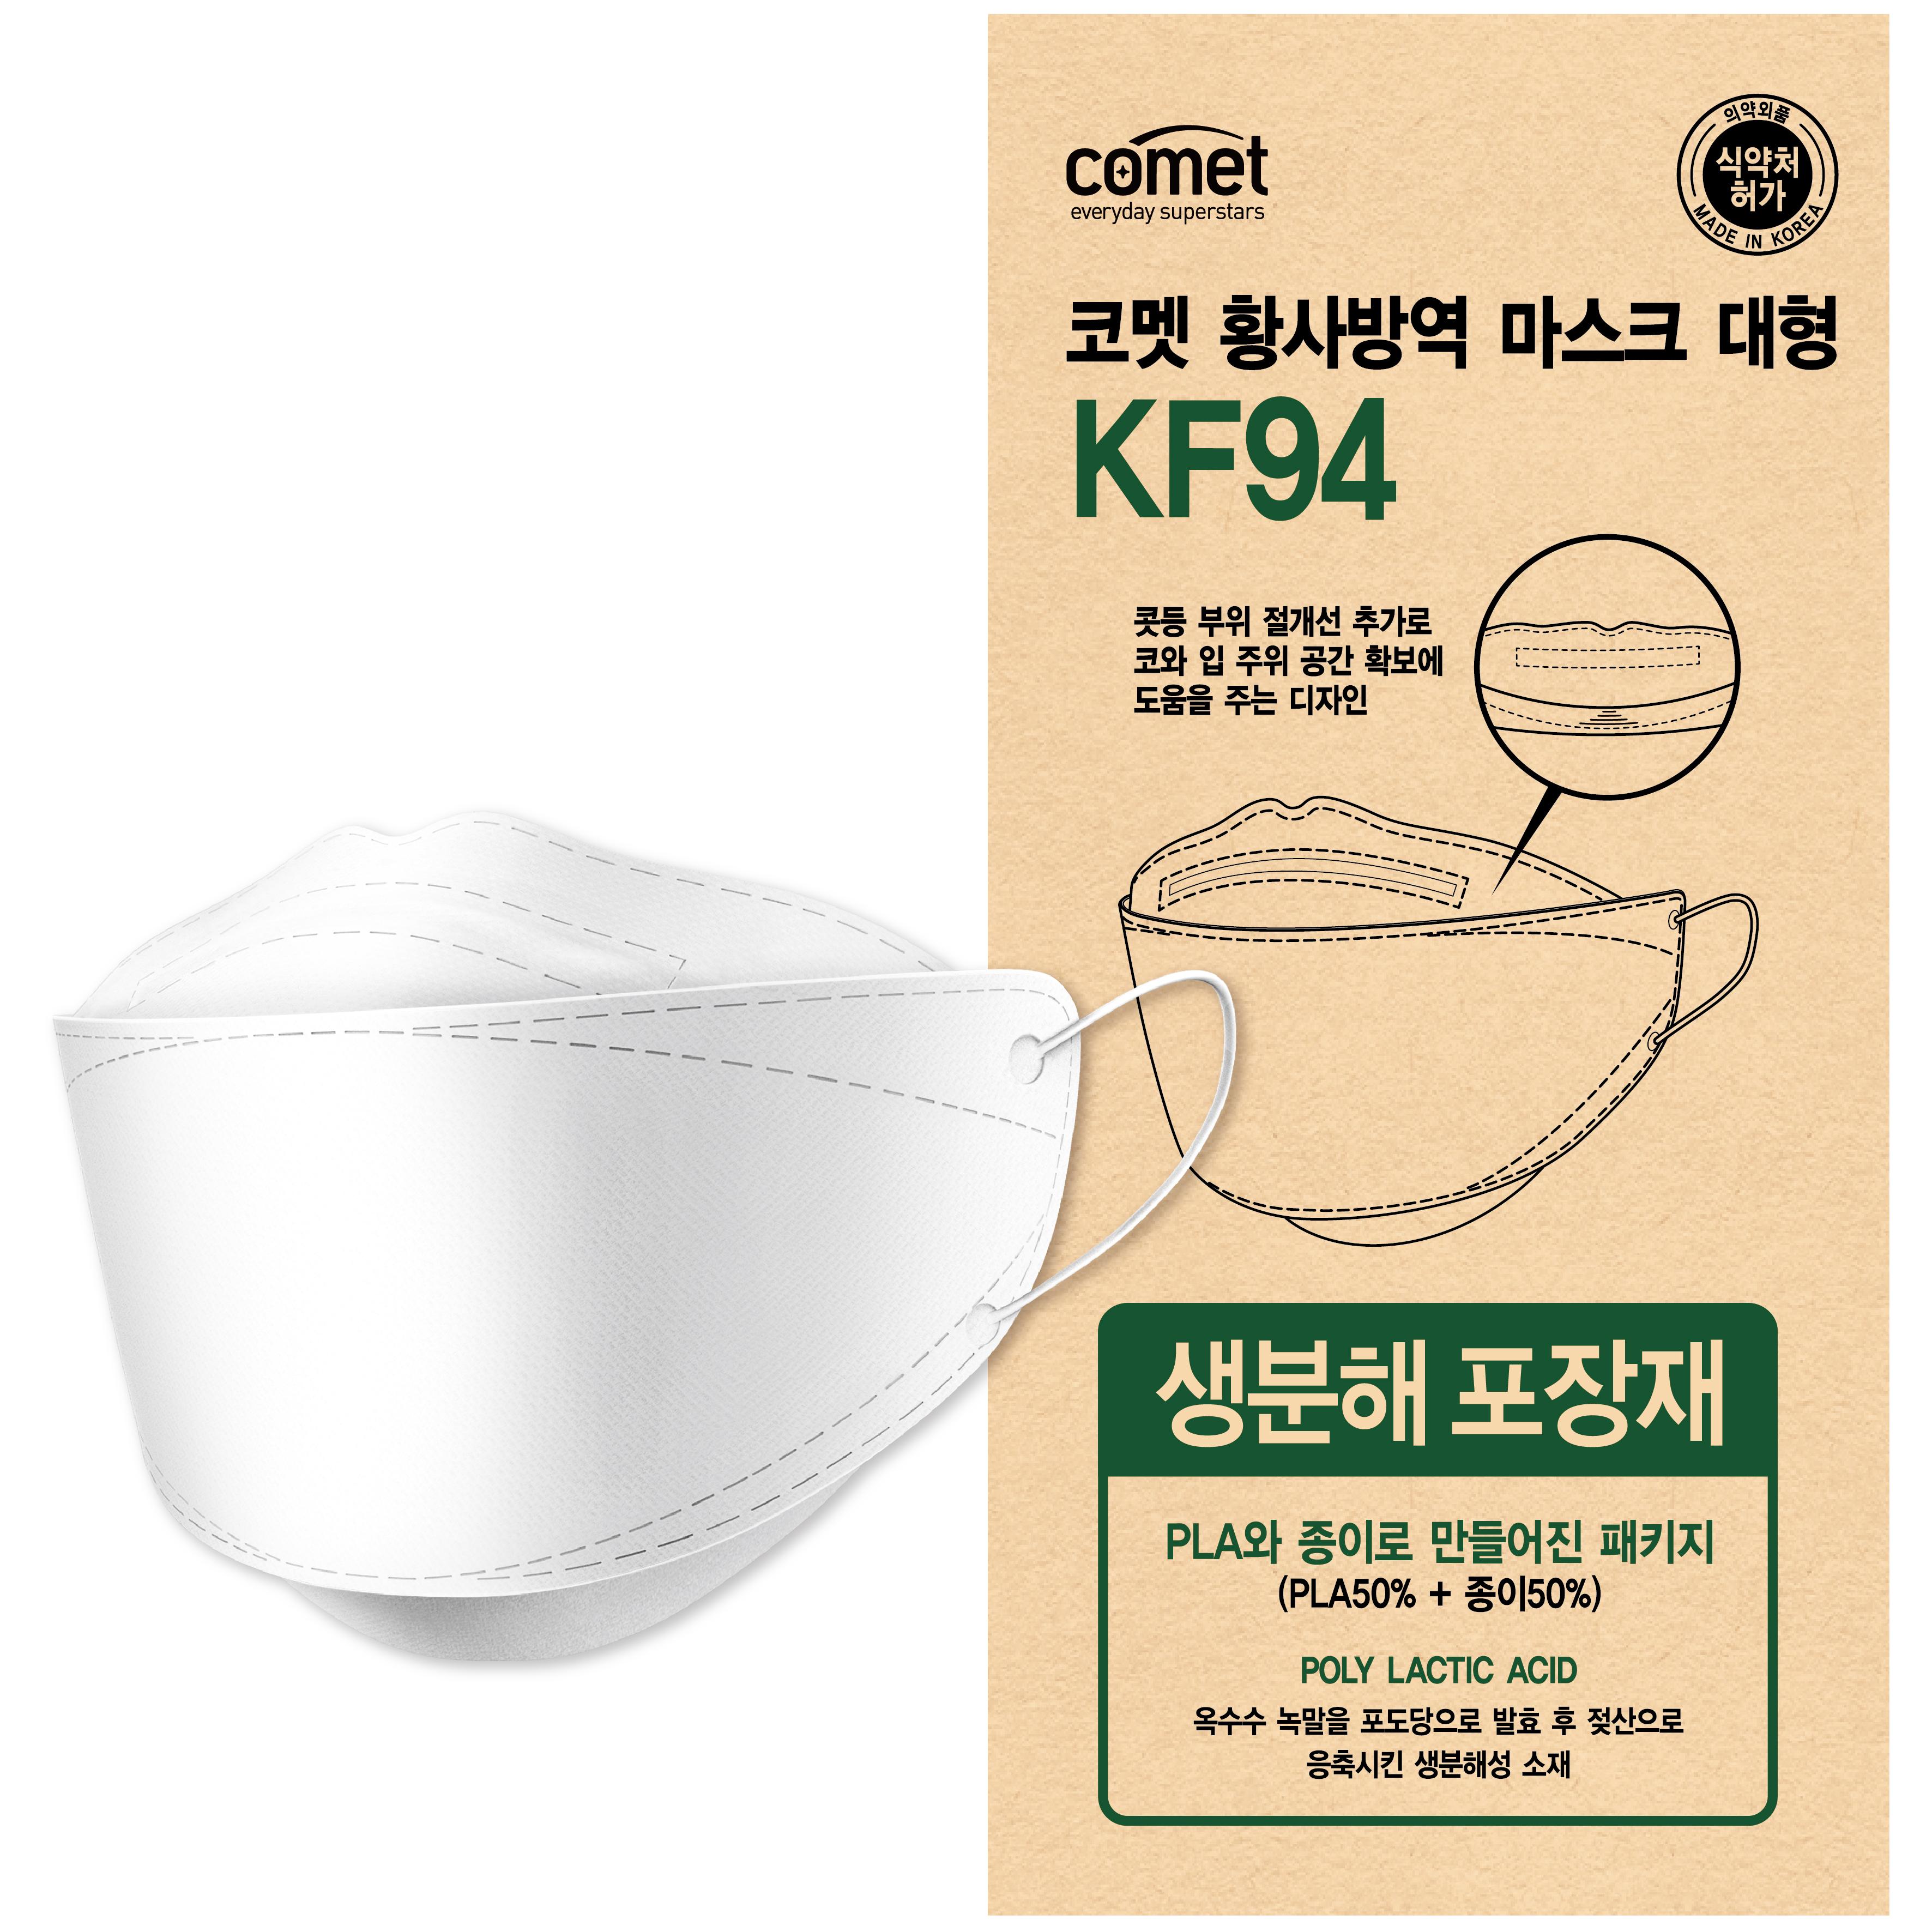 코멧 KF94 마스크 개별포장 대형 컴포트핏(생분해 포장재), 화이트, 25매